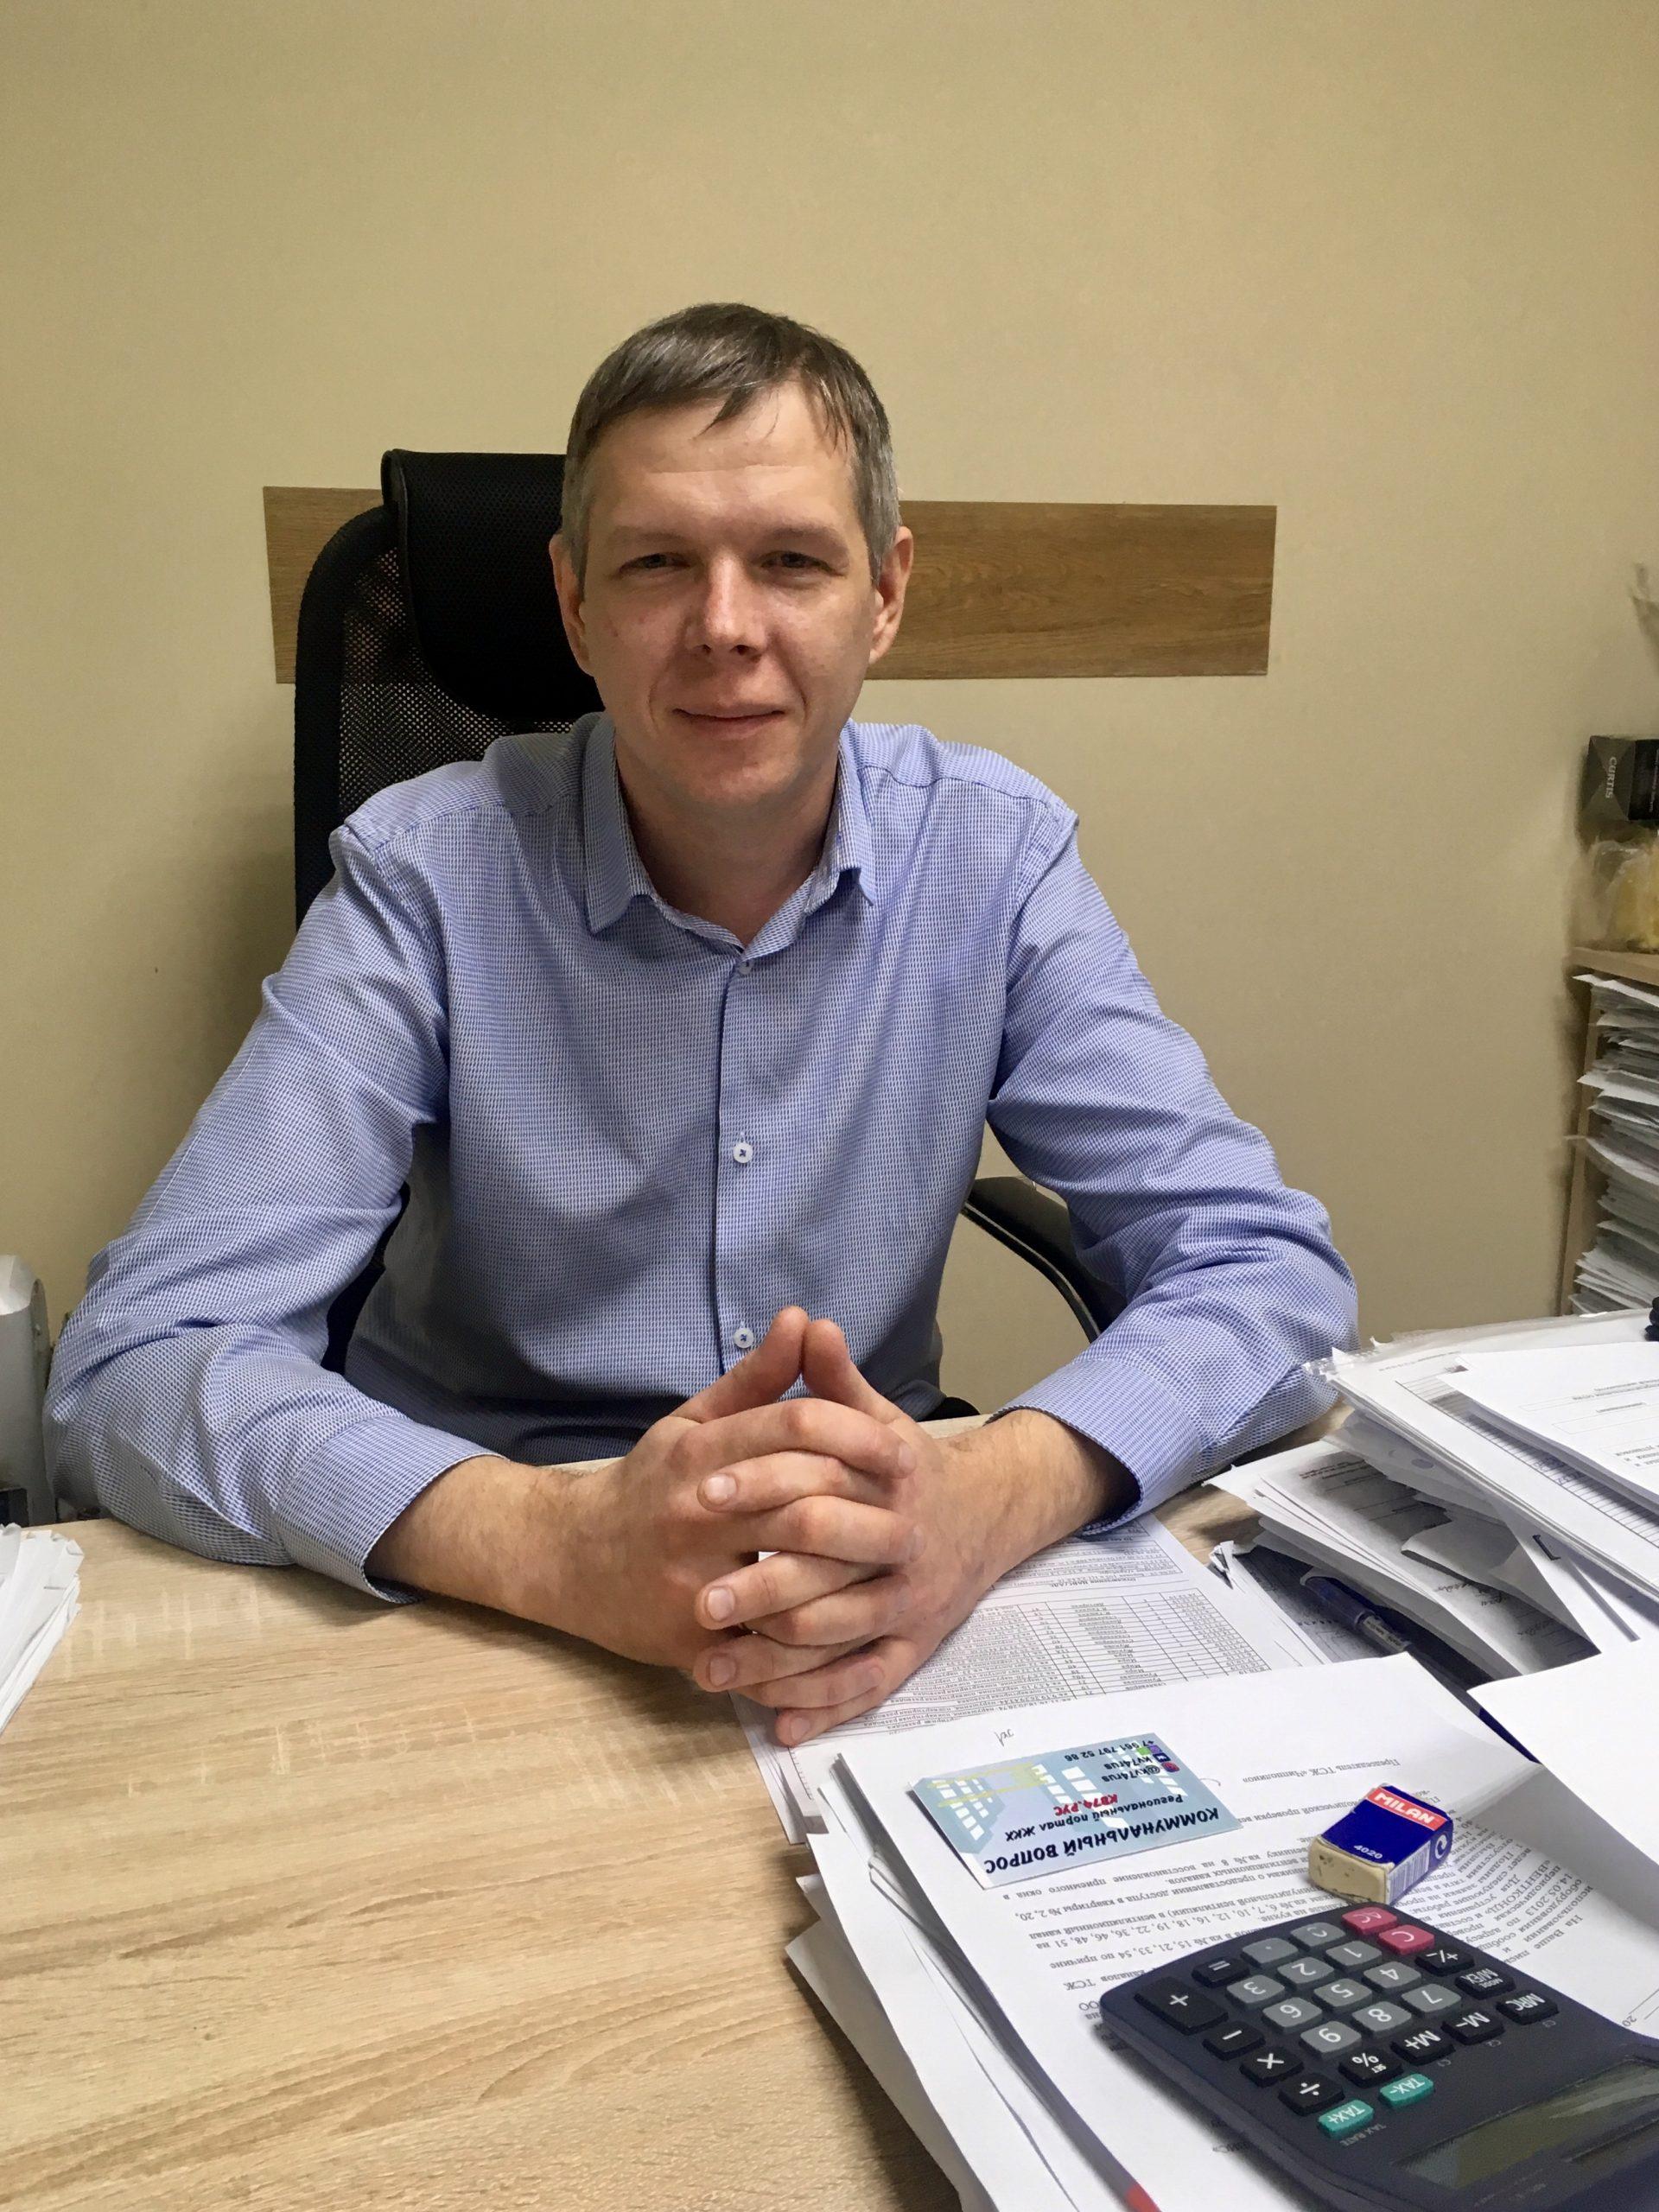 Начальник службы по эксплуатации ВДГО Алексей Юровский о текущей ситуации в работе с собственниками при обслуживании внутридомового и внутриквартирного газового оборудования